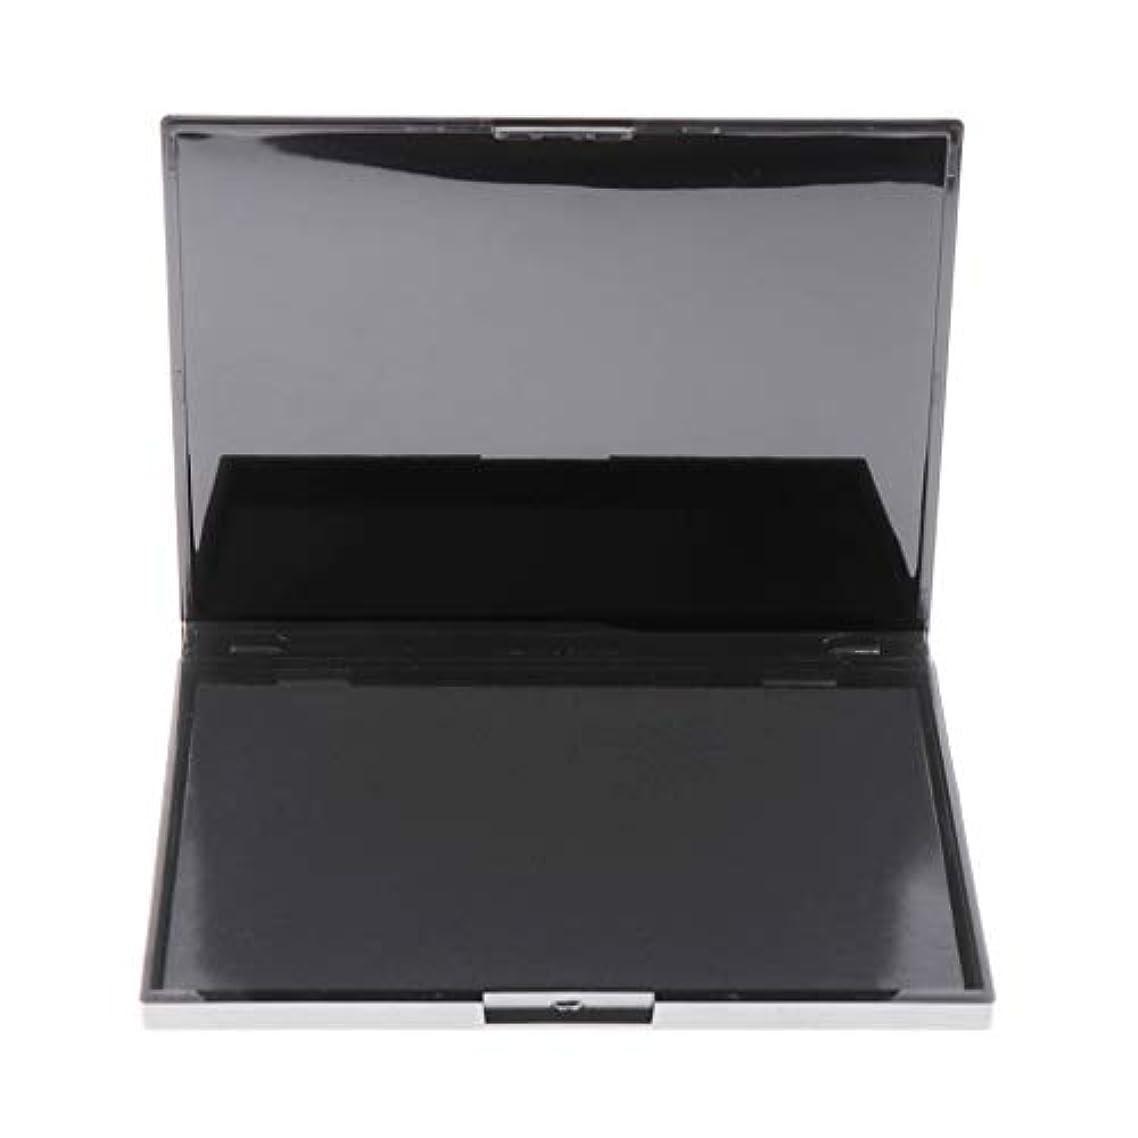 移植トロピカルトラフメイクアップパレット 空ケース 15グリッド パウダーパレット アイシャドー パレット 旅行用品 全4色 - 03